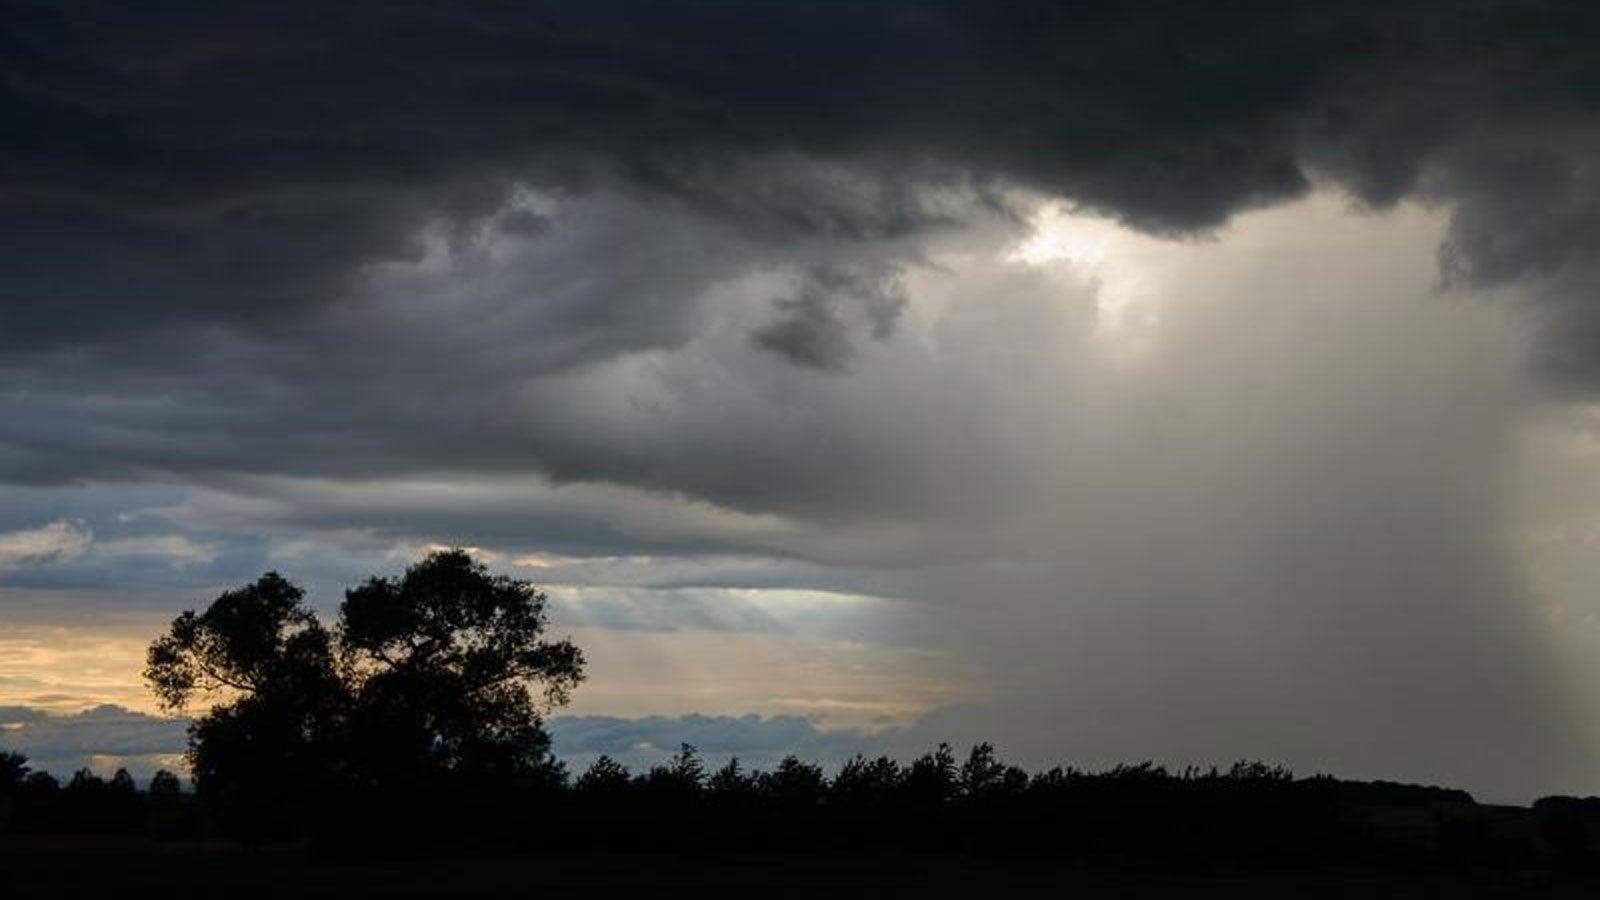 Sonntag: Kurze Gewitter in Nordwest möglich, Sonne in Südost